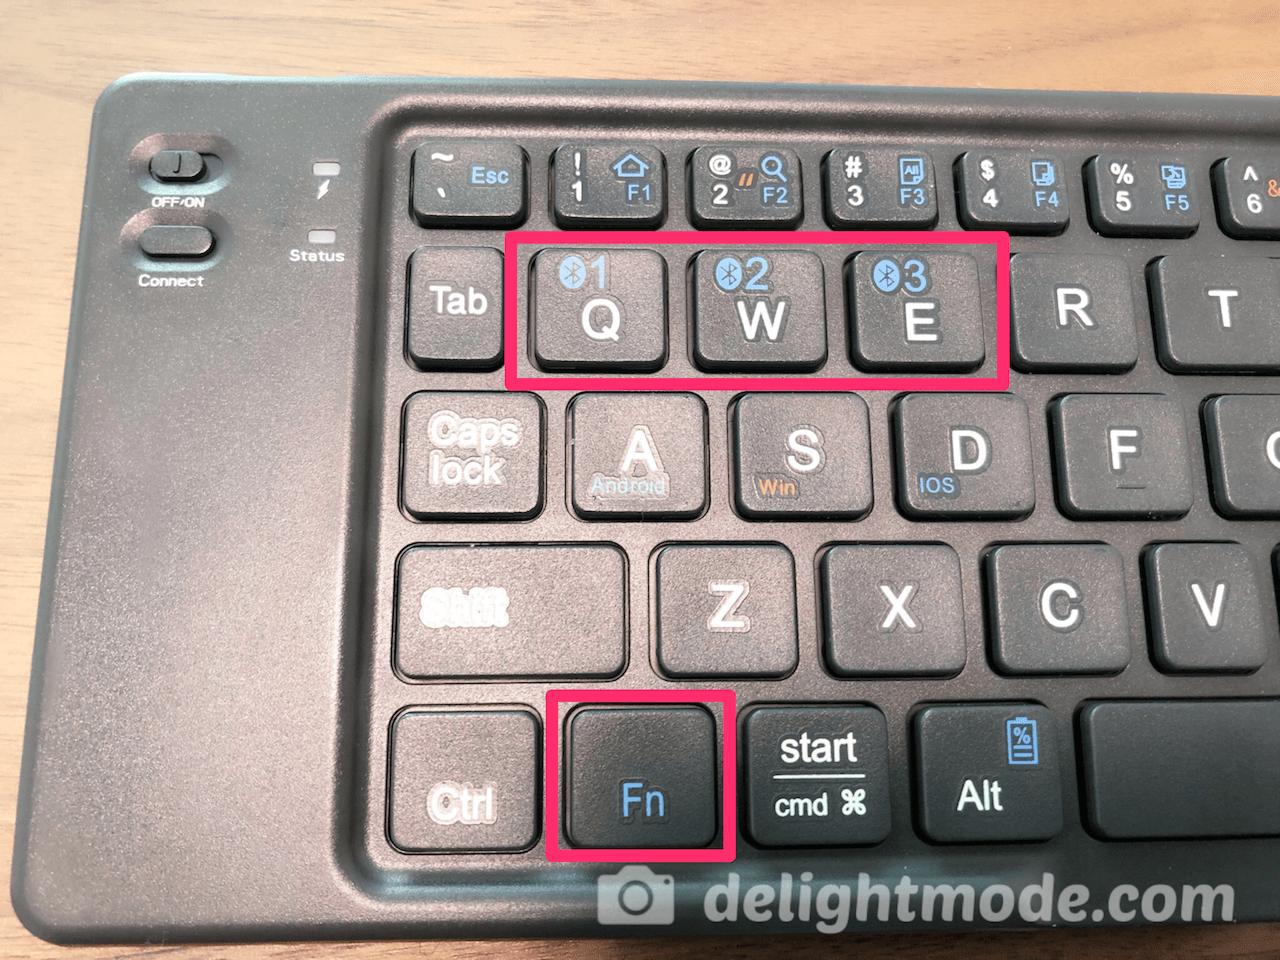 Fn(ファンクション)キーを押しながら、Q・W・Eのそれぞれのボタンを押してペリング接続を切替えできます。